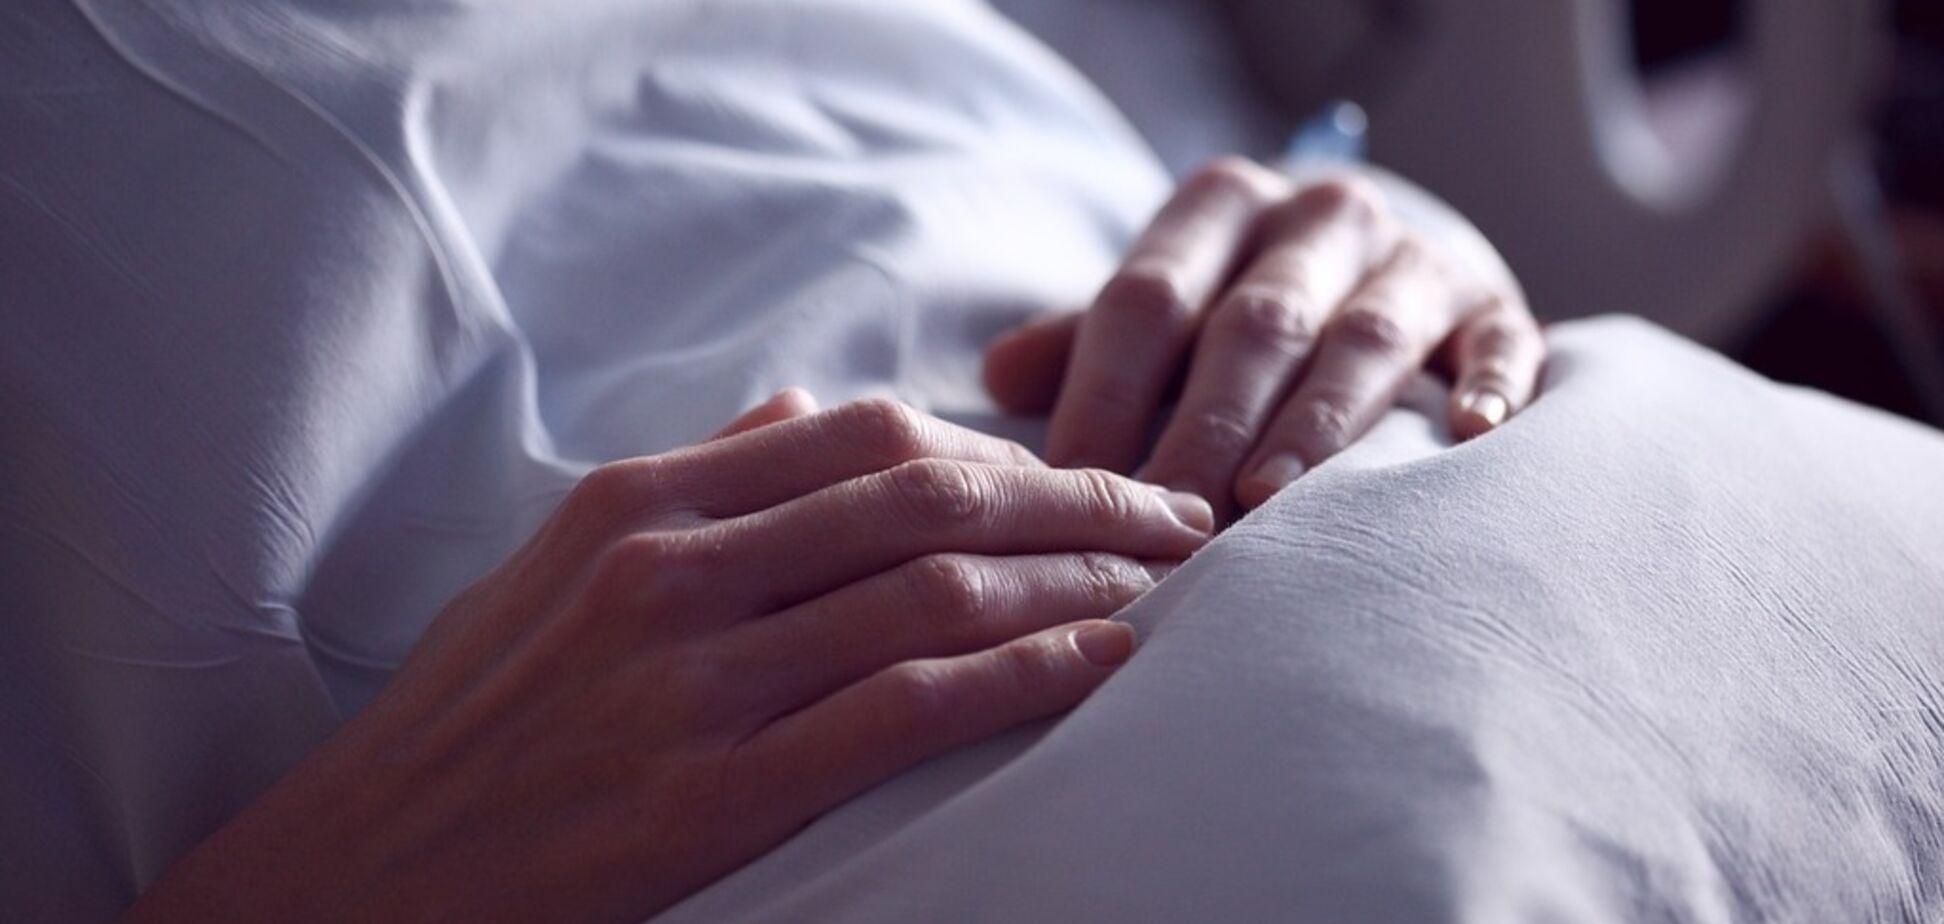 Пять симптомов рака кишечника, которые должен знать каждый